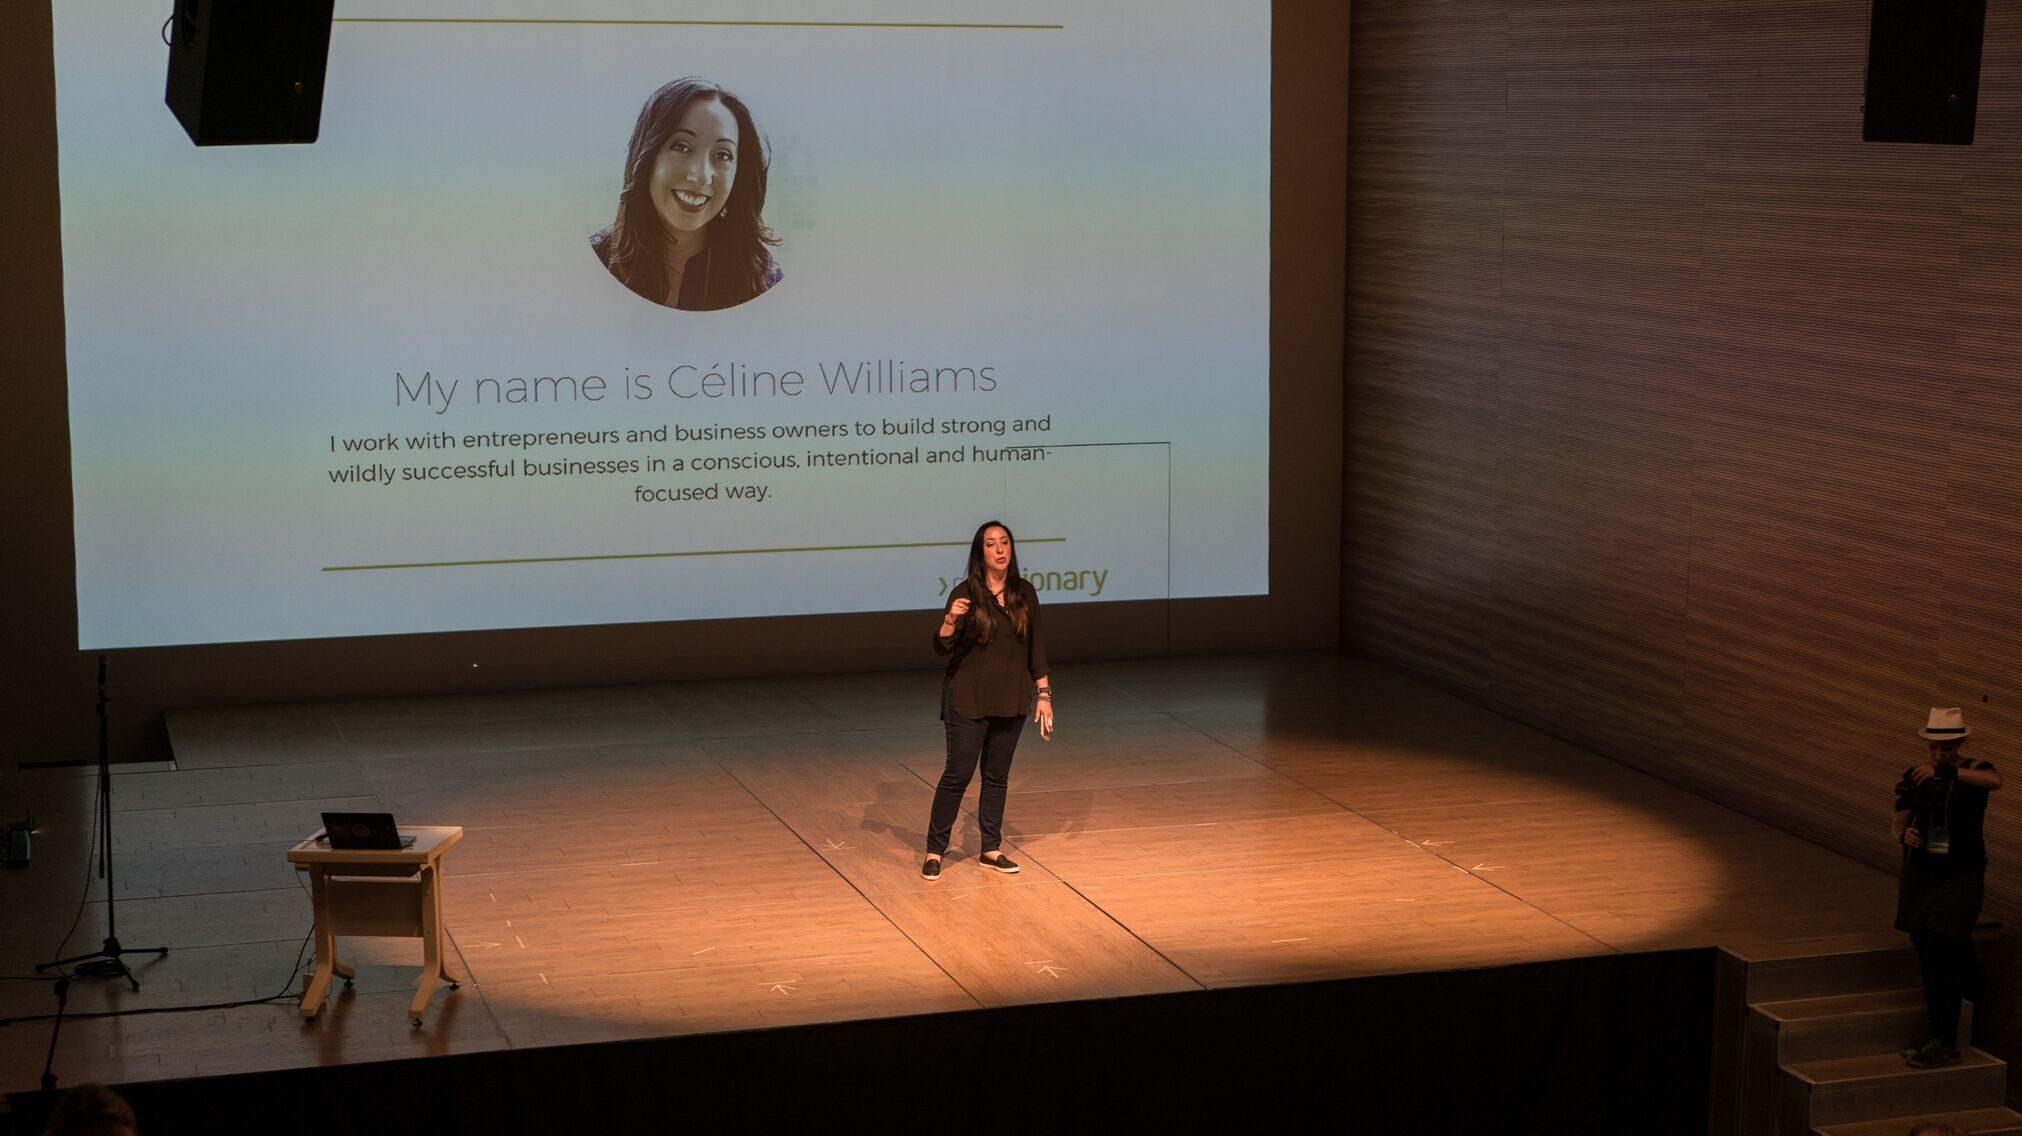 Céline Williams speaking at Ryerson University